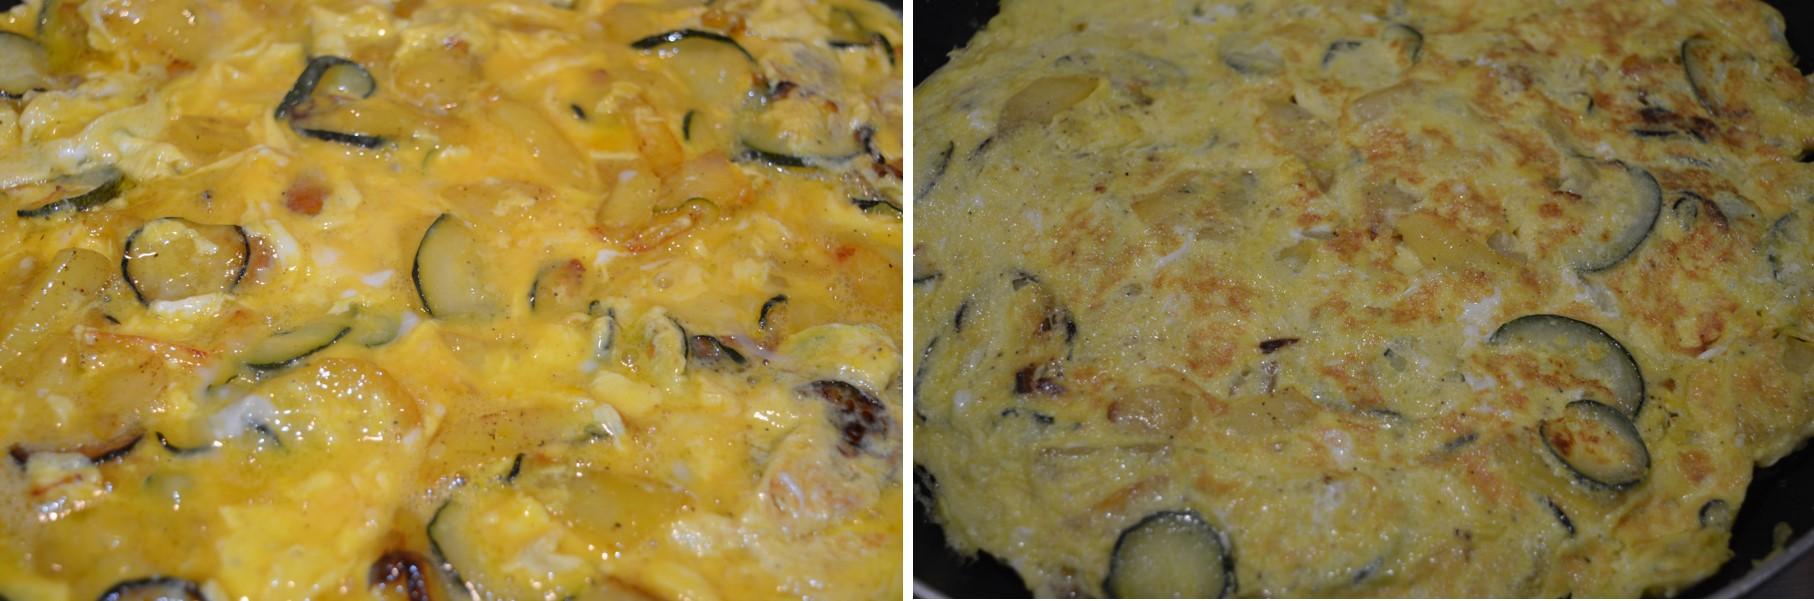 Frittata di stagione: preparazione con le zucchine e le patate